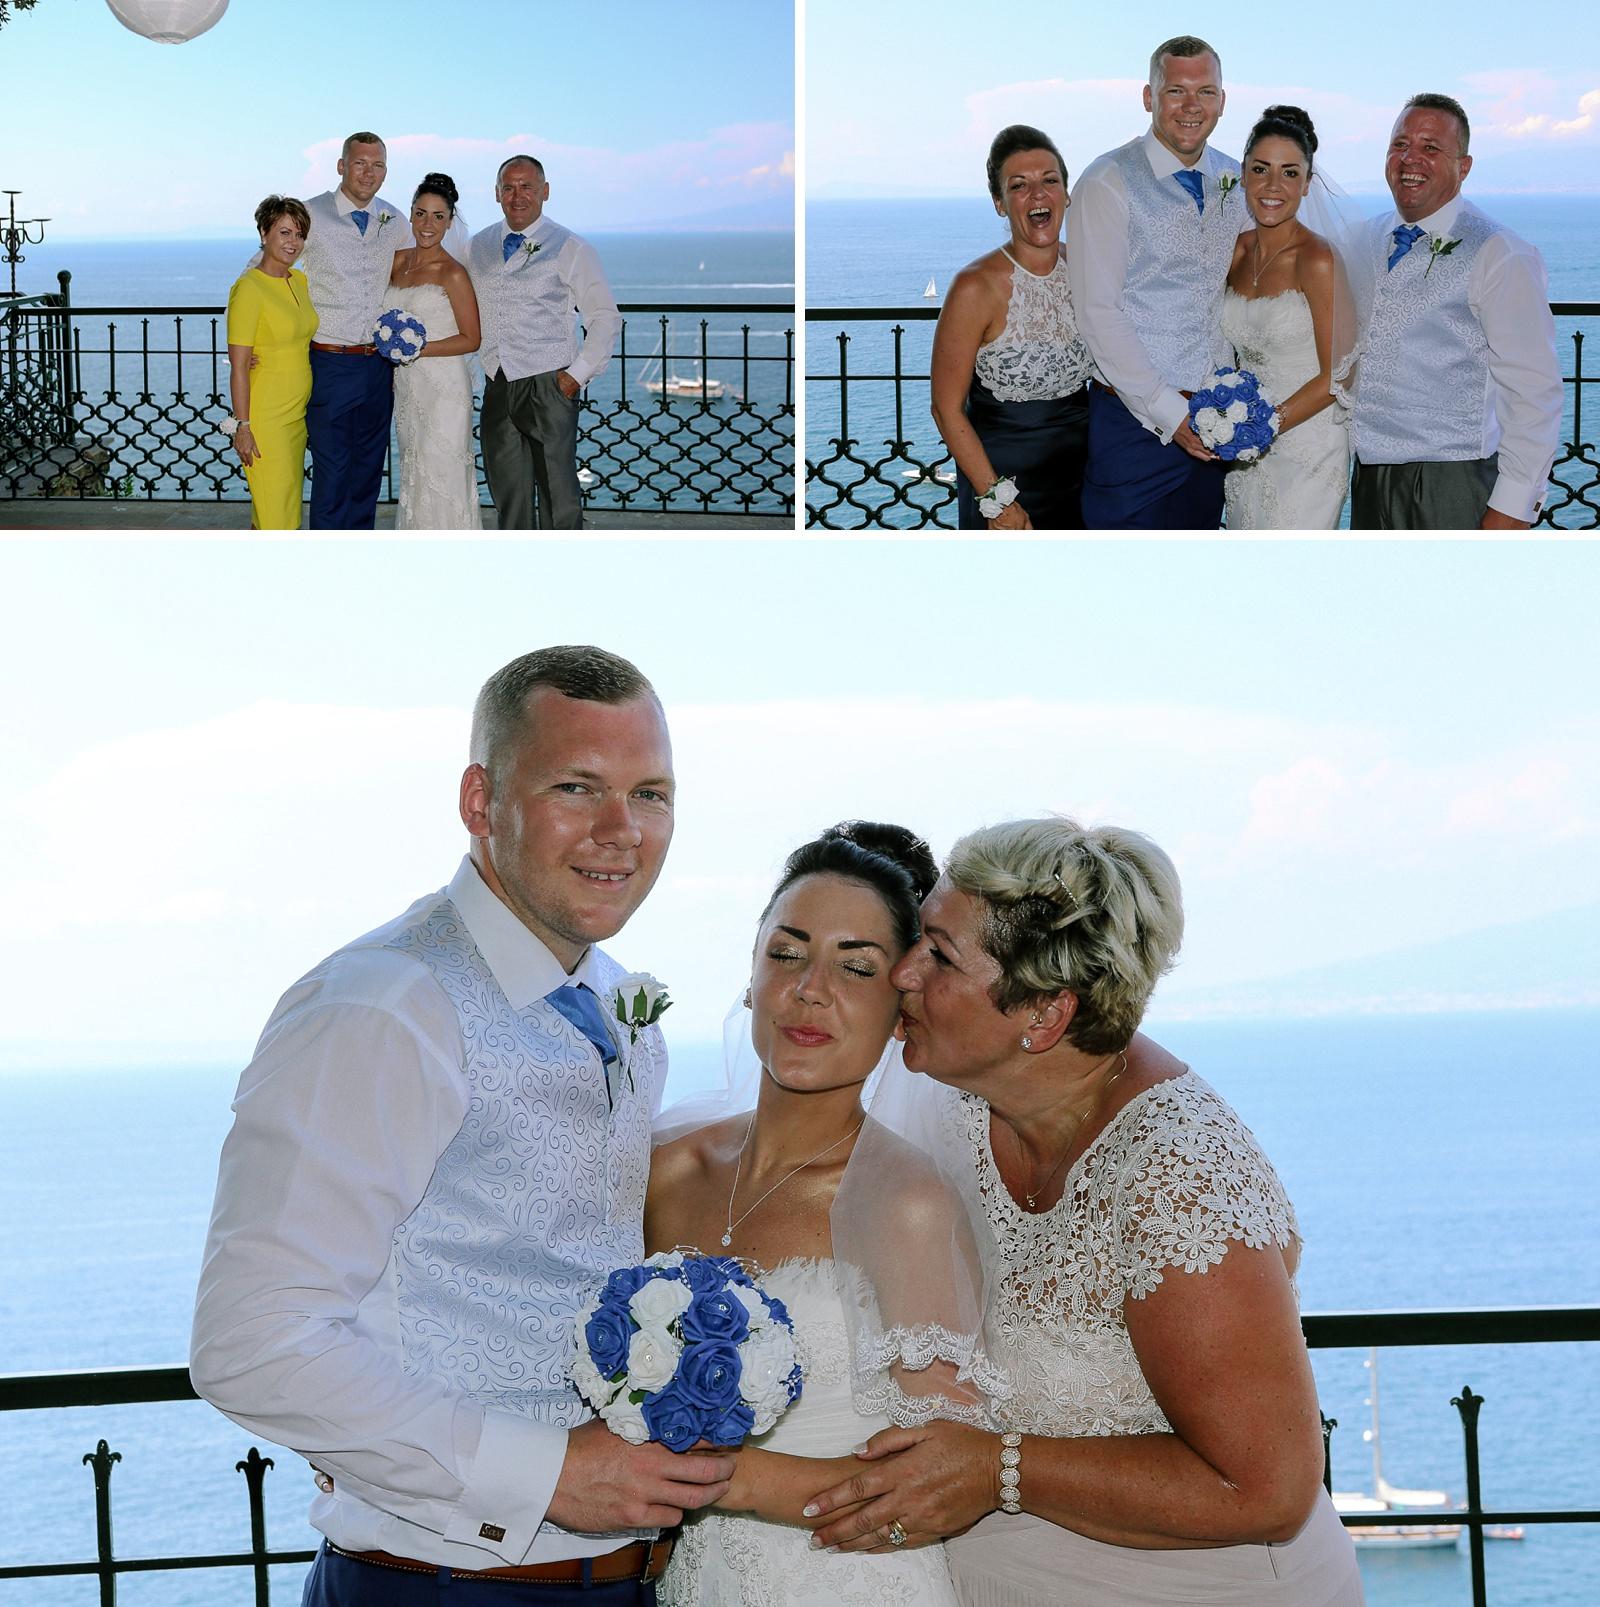 Wedding Photographer- Ceromoney - Villa Antiche Mura - Il tuo matrimonio a Sorrento-29